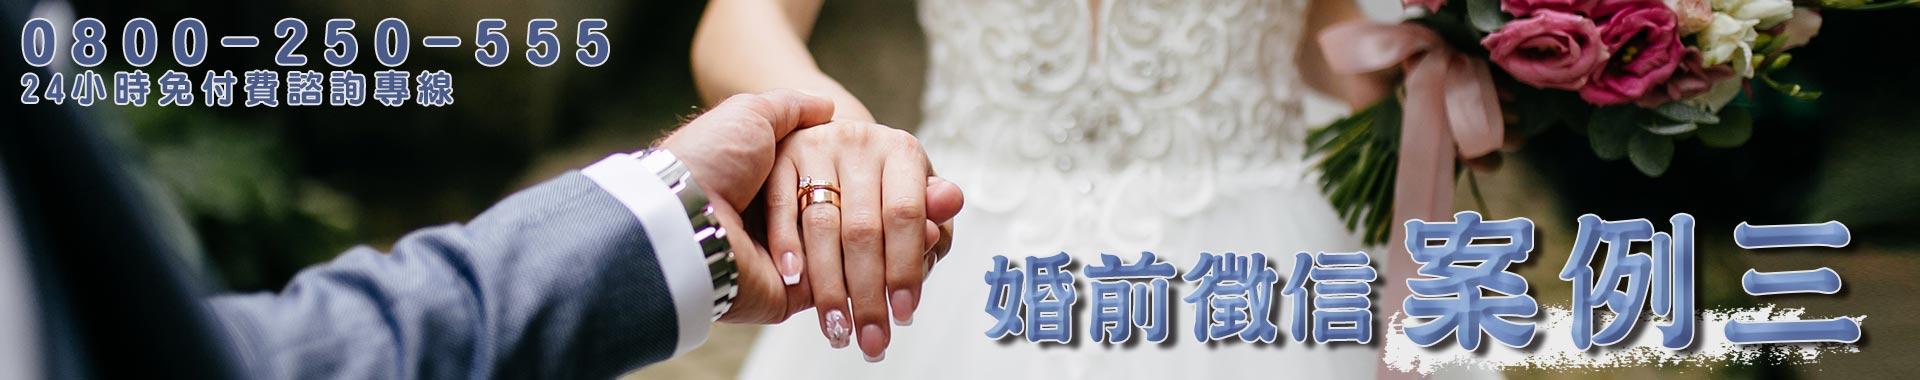 婚前徵信案例三